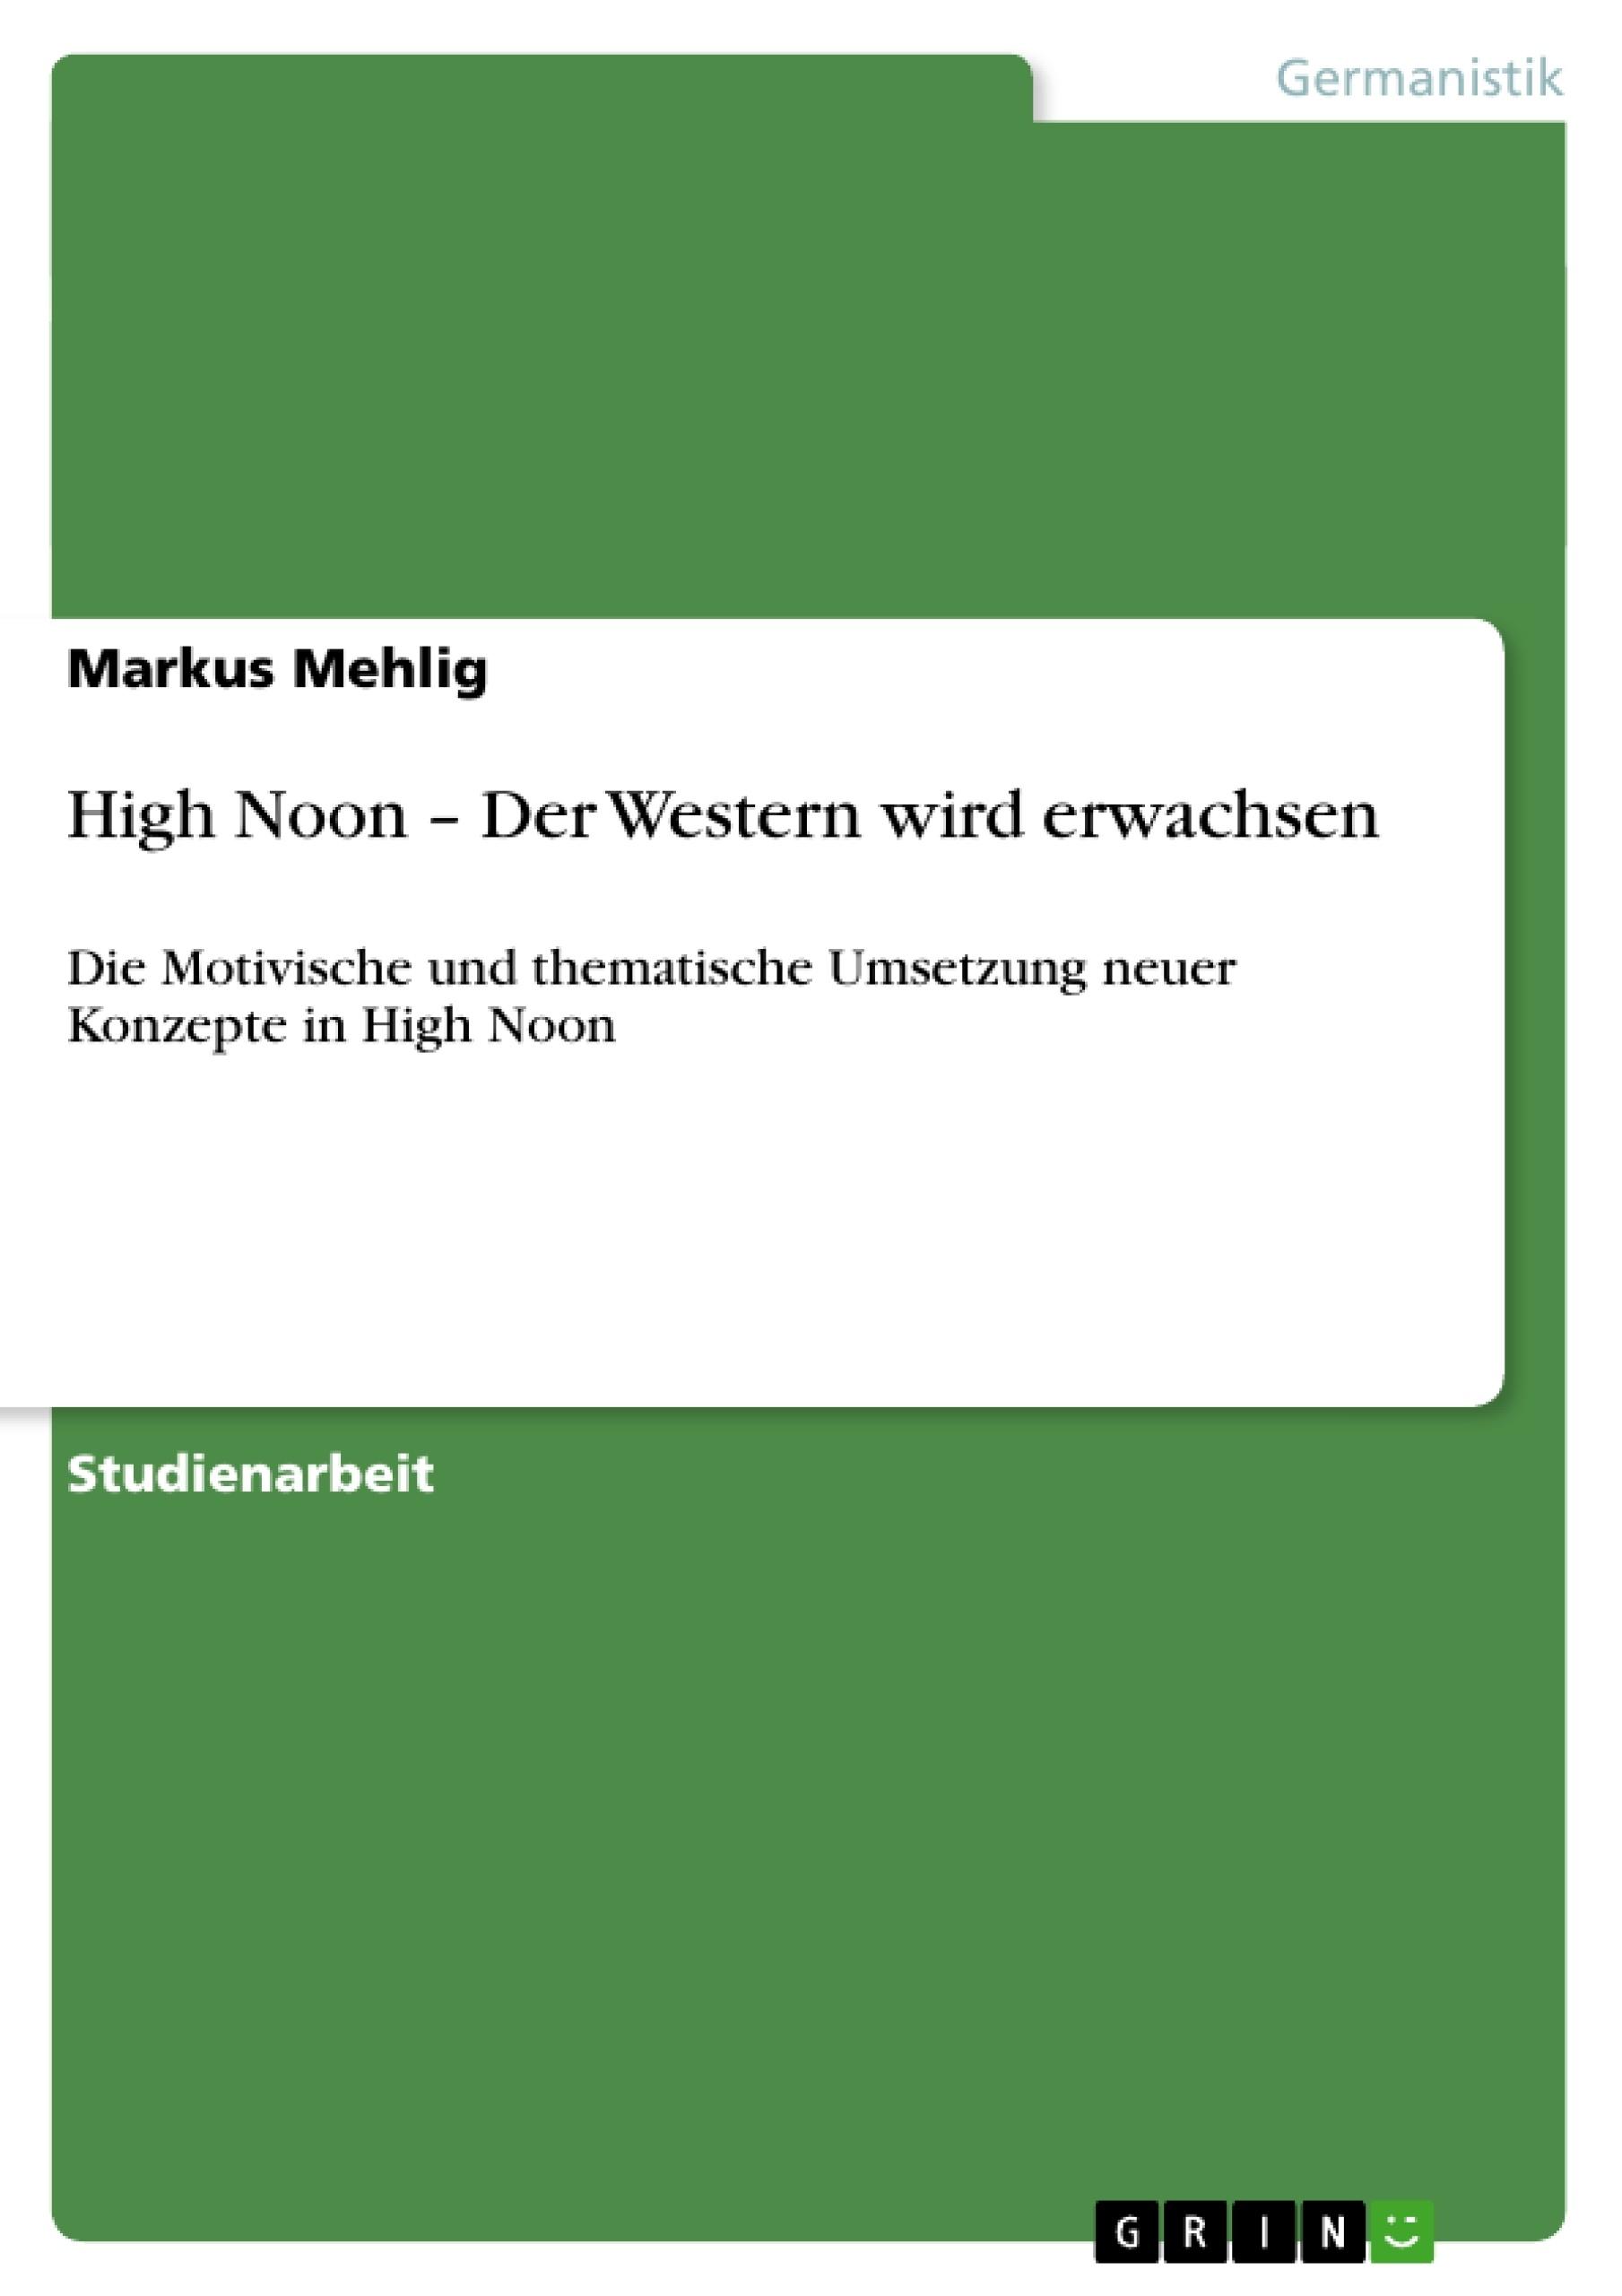 Titel: High Noon – Der Western wird erwachsen